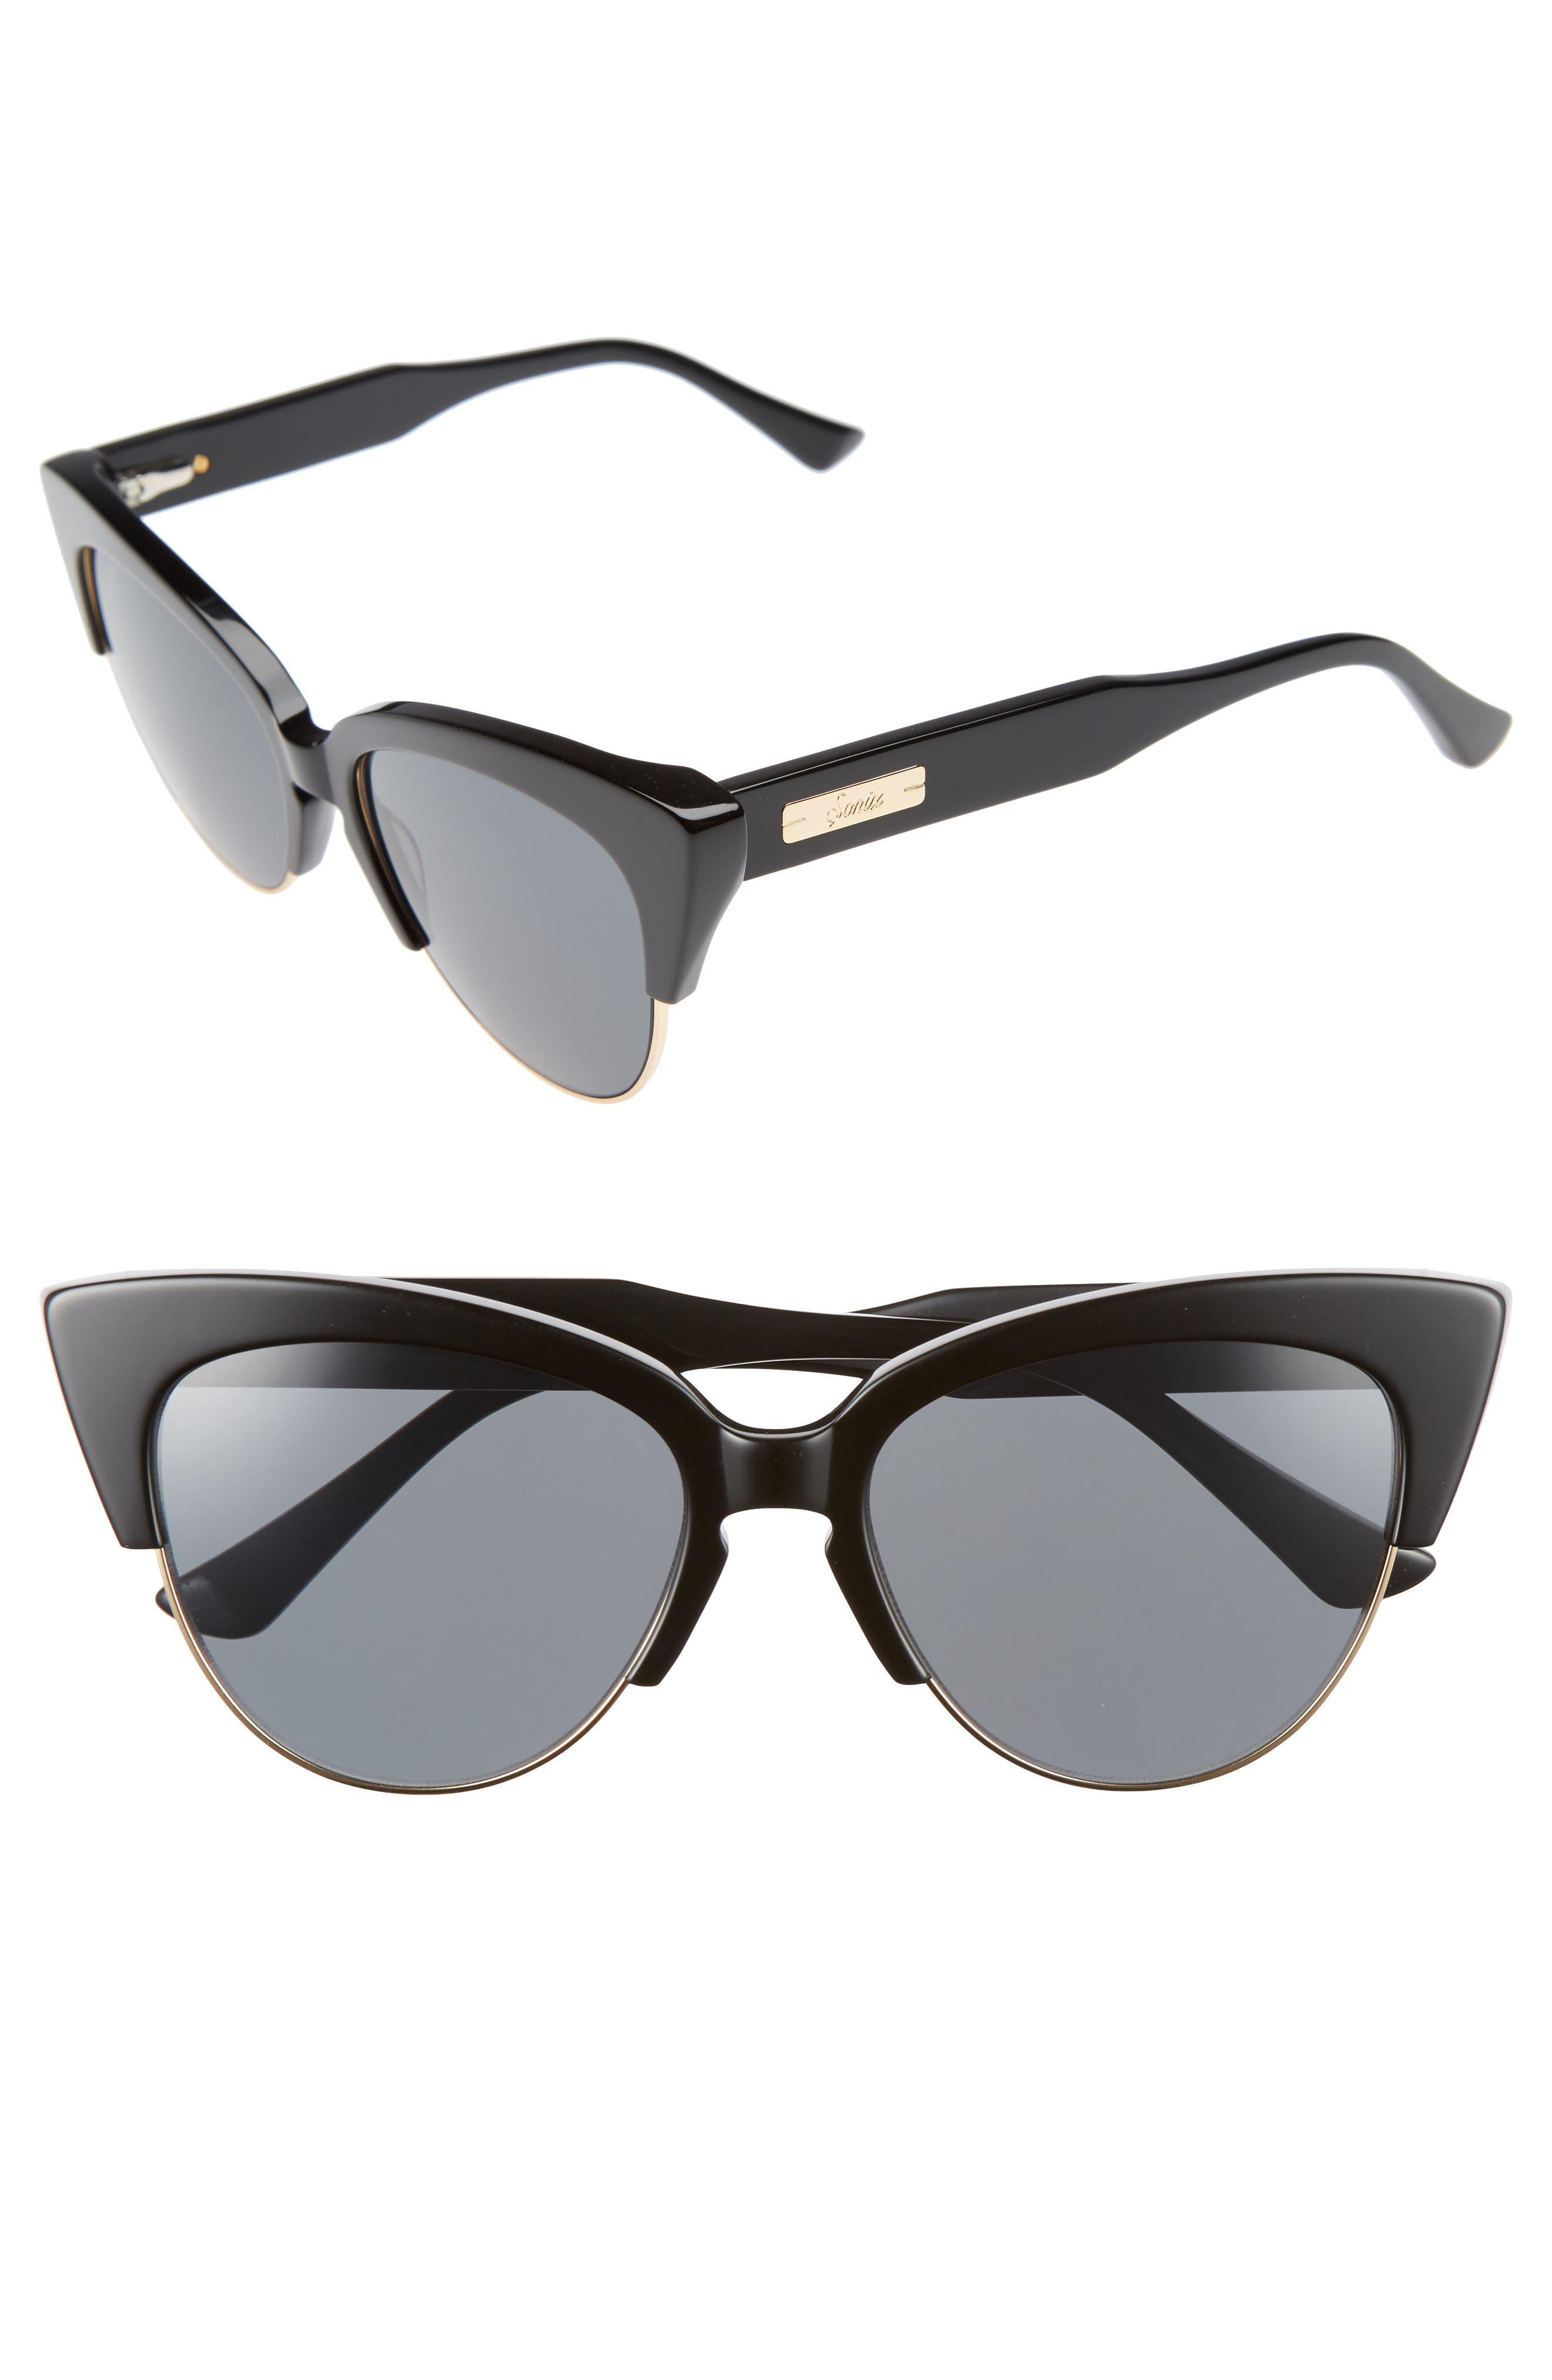 Dafni 56mm Gradient Cat Eye Sunglasses,                         Main,                         color, 001